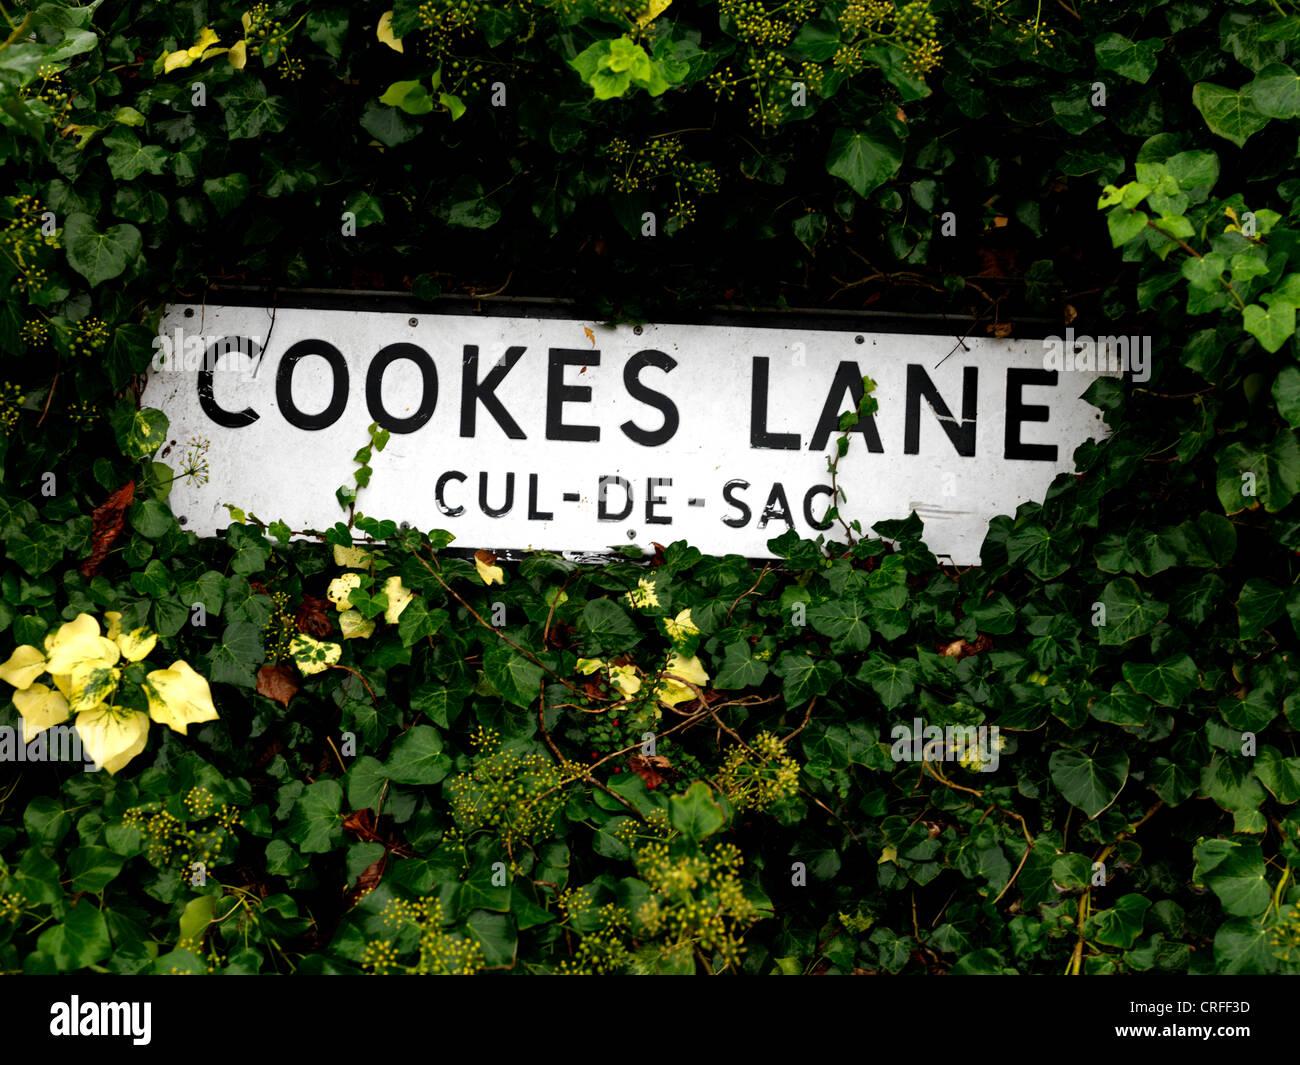 Cul-De-Sac Sign Cookes Lane England - Stock Image